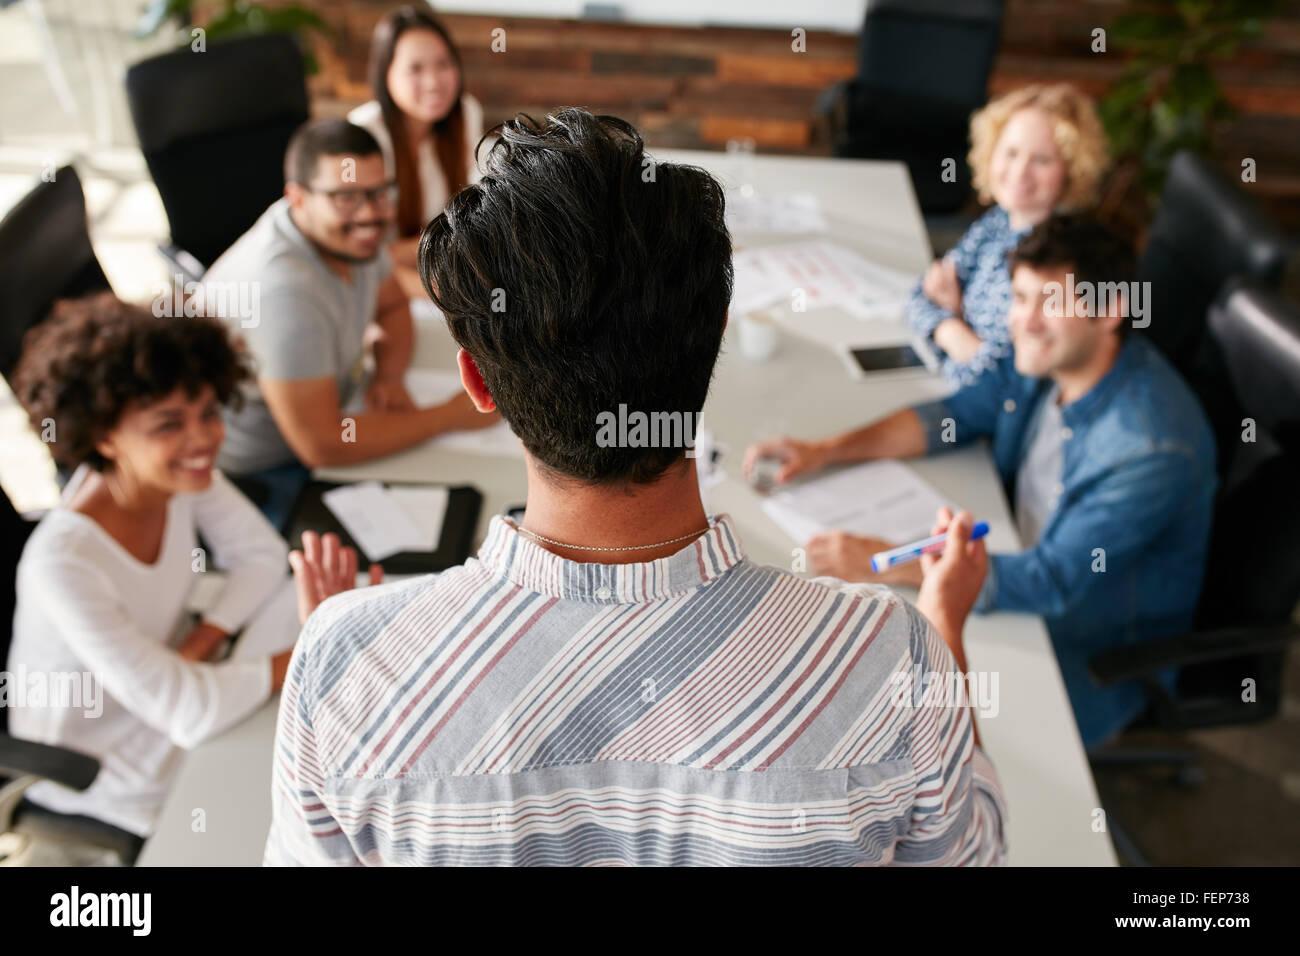 Vista posteriore del ritratto di uomo che spiega le idee di business per i colleghi durante una riunione nella sala Immagini Stock